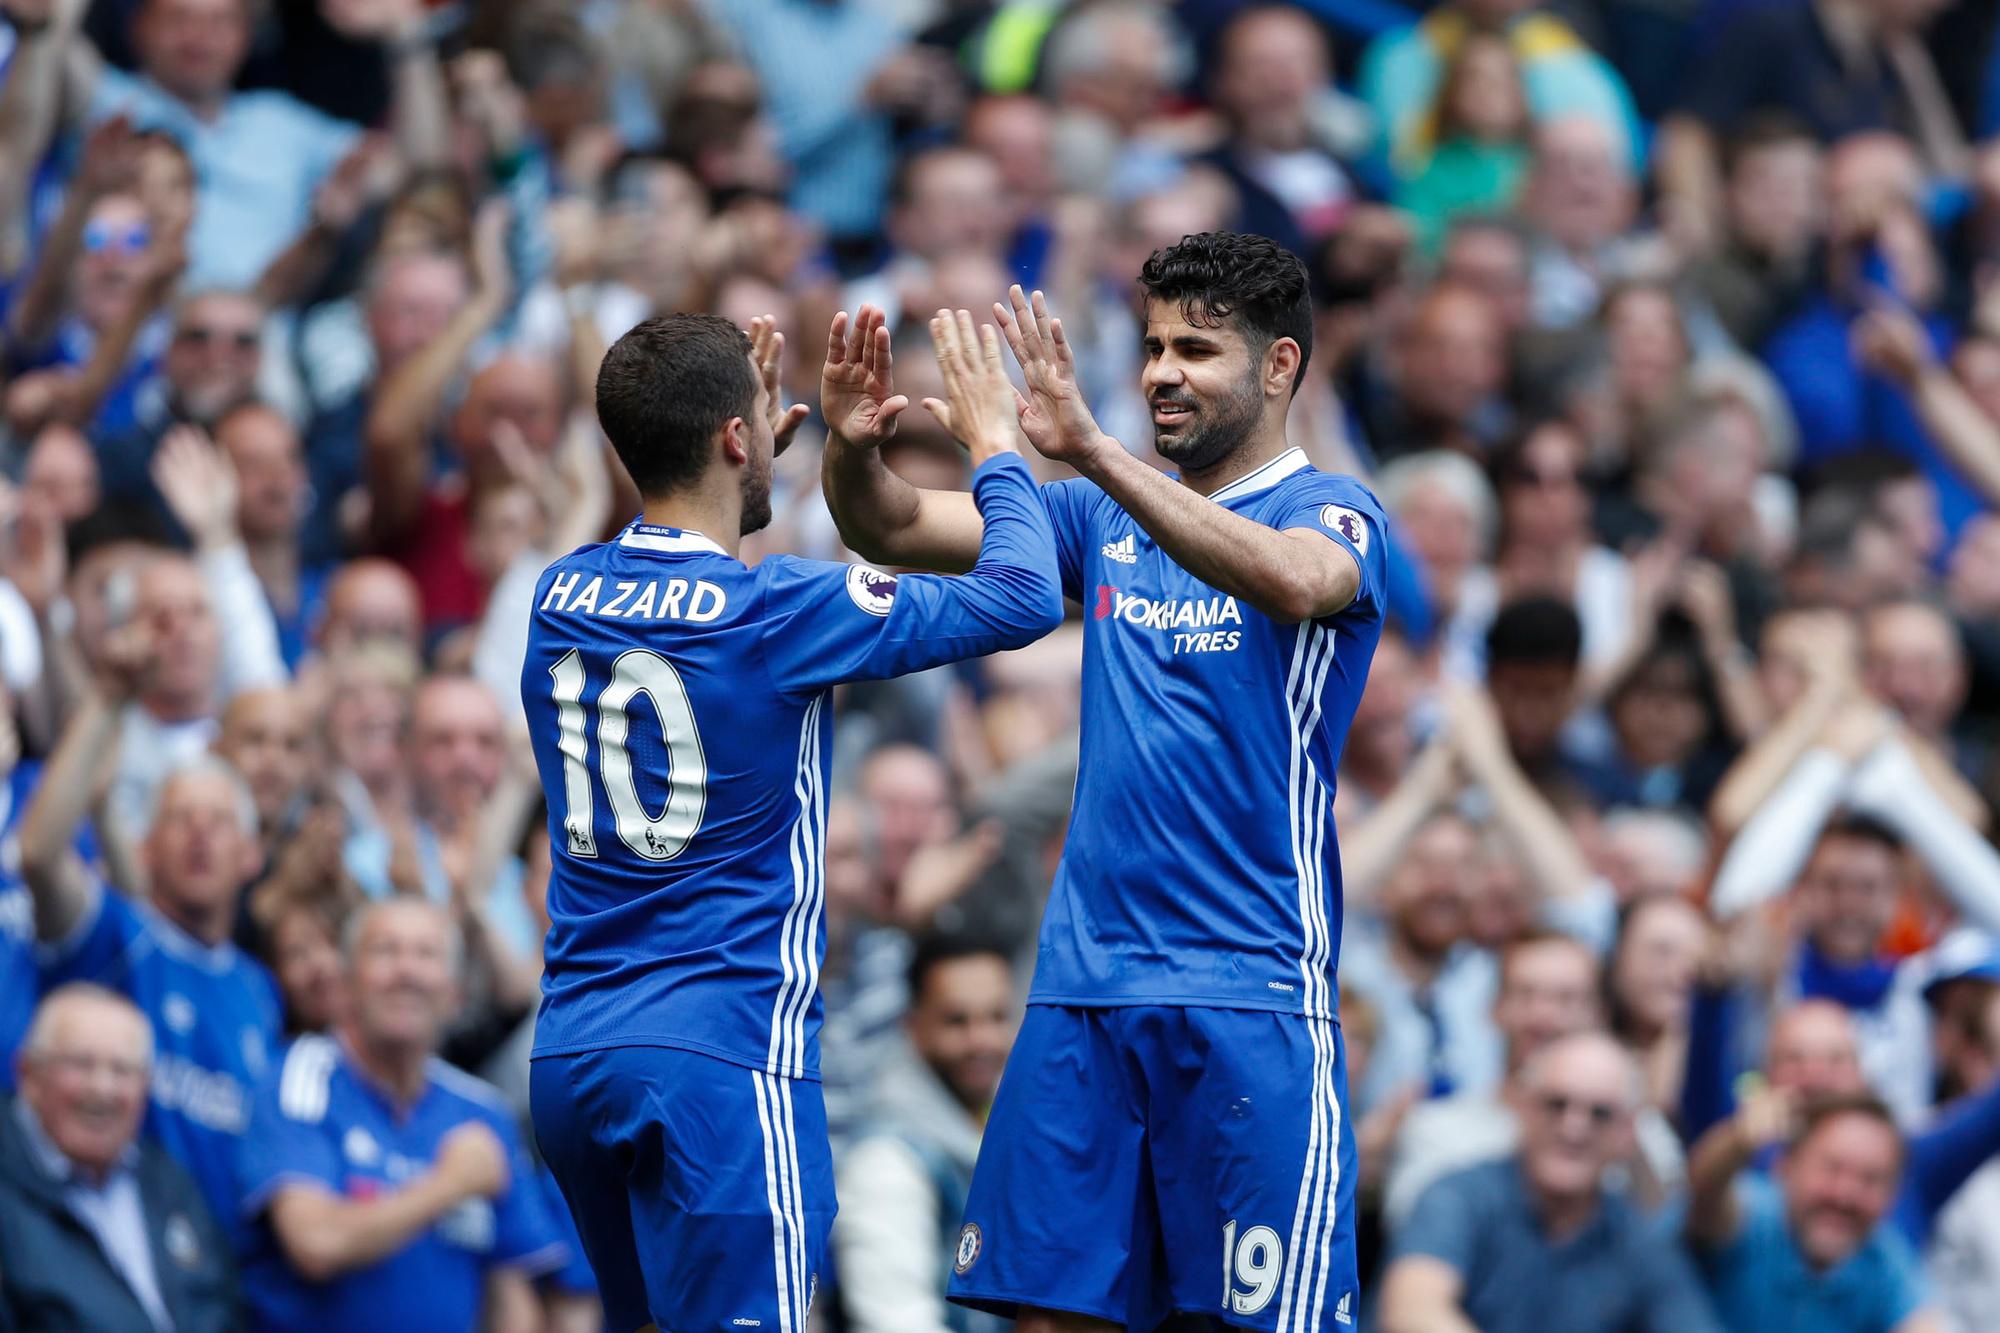 Diego Costa was de perfecte spits voor Chelsea: hij scoorde veel, maakte oorlog in de zestien en kwam goed overeen met Eden Hazard, Belga Image